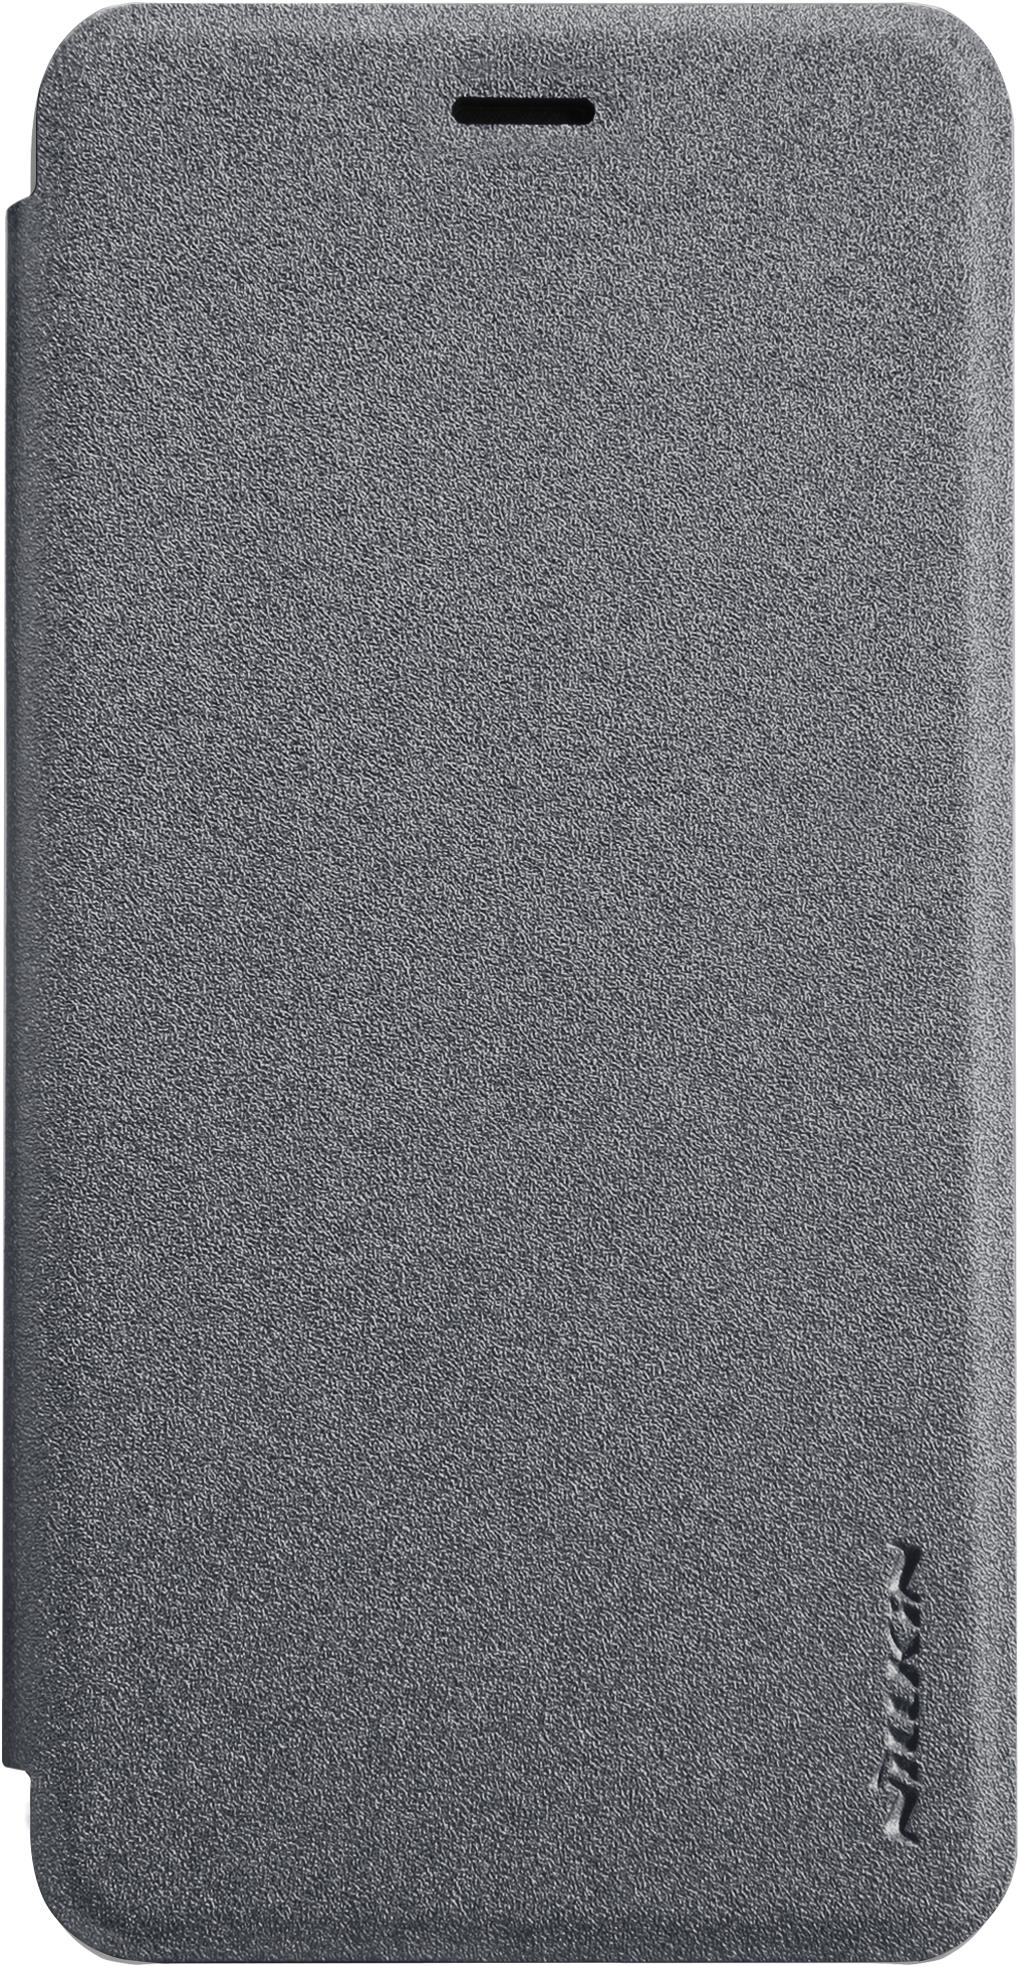 Чехол для сотового телефона Nillkin T-N-HHV9P-009, черный чехол nillkin sparkle leather case для apple iphone 6 plus цвет белый t n aiphone6p 009